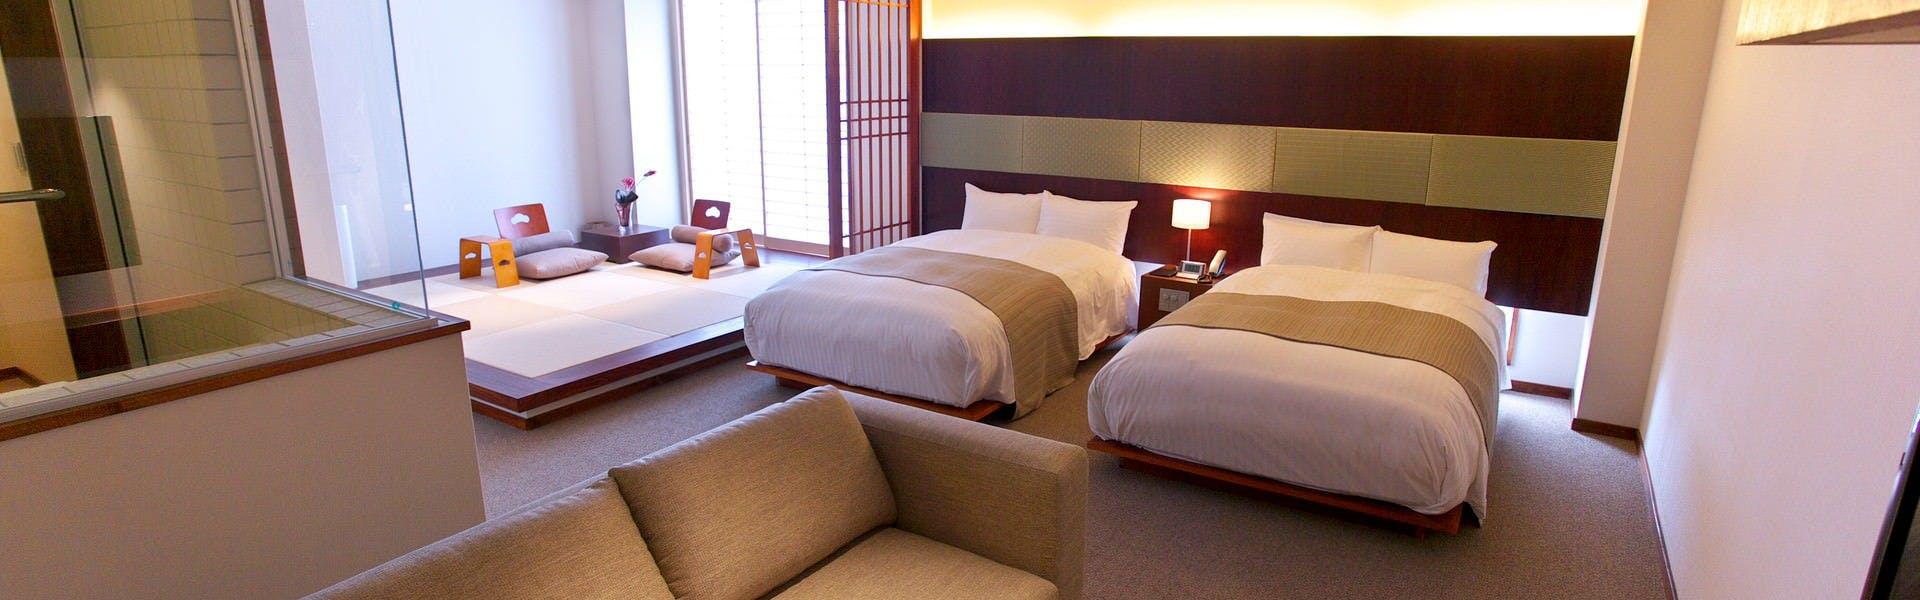 記念日におすすめのホテル・旅亭 松屋本館 Suizenjiの写真2